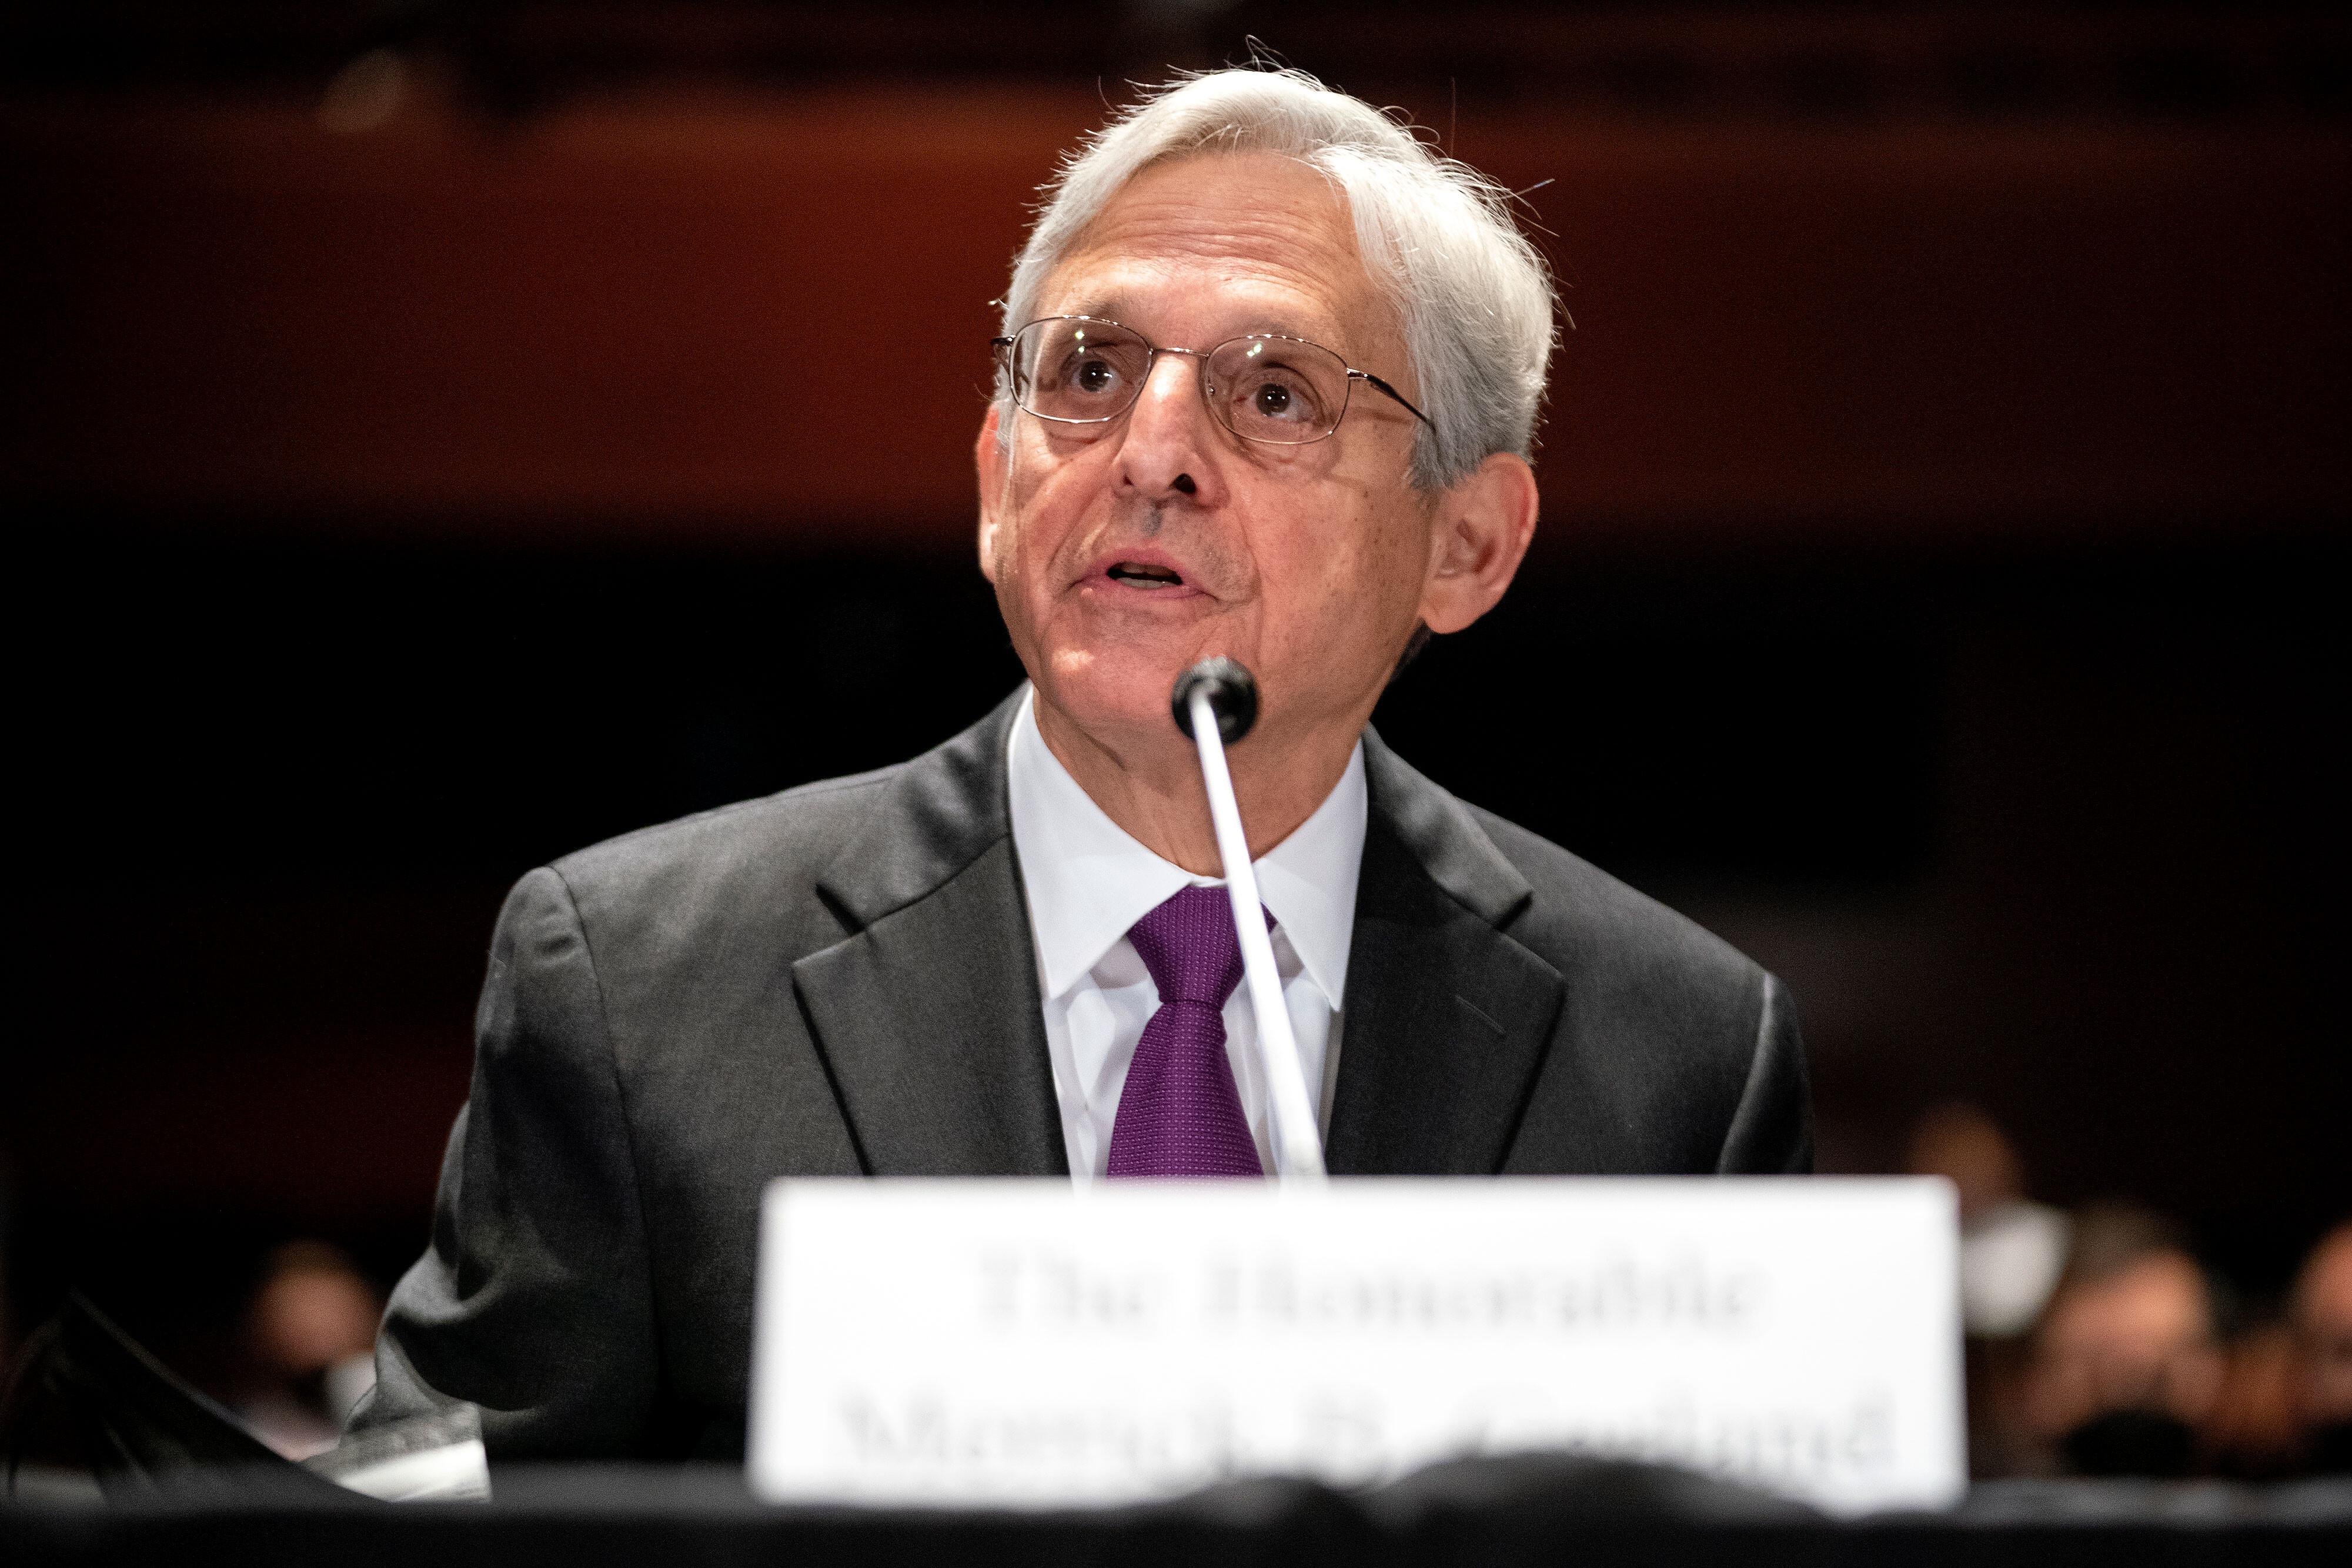 Merrick Garland will appear before Senate panel amid pressure on Nassar probe, Bannon and school boards memo